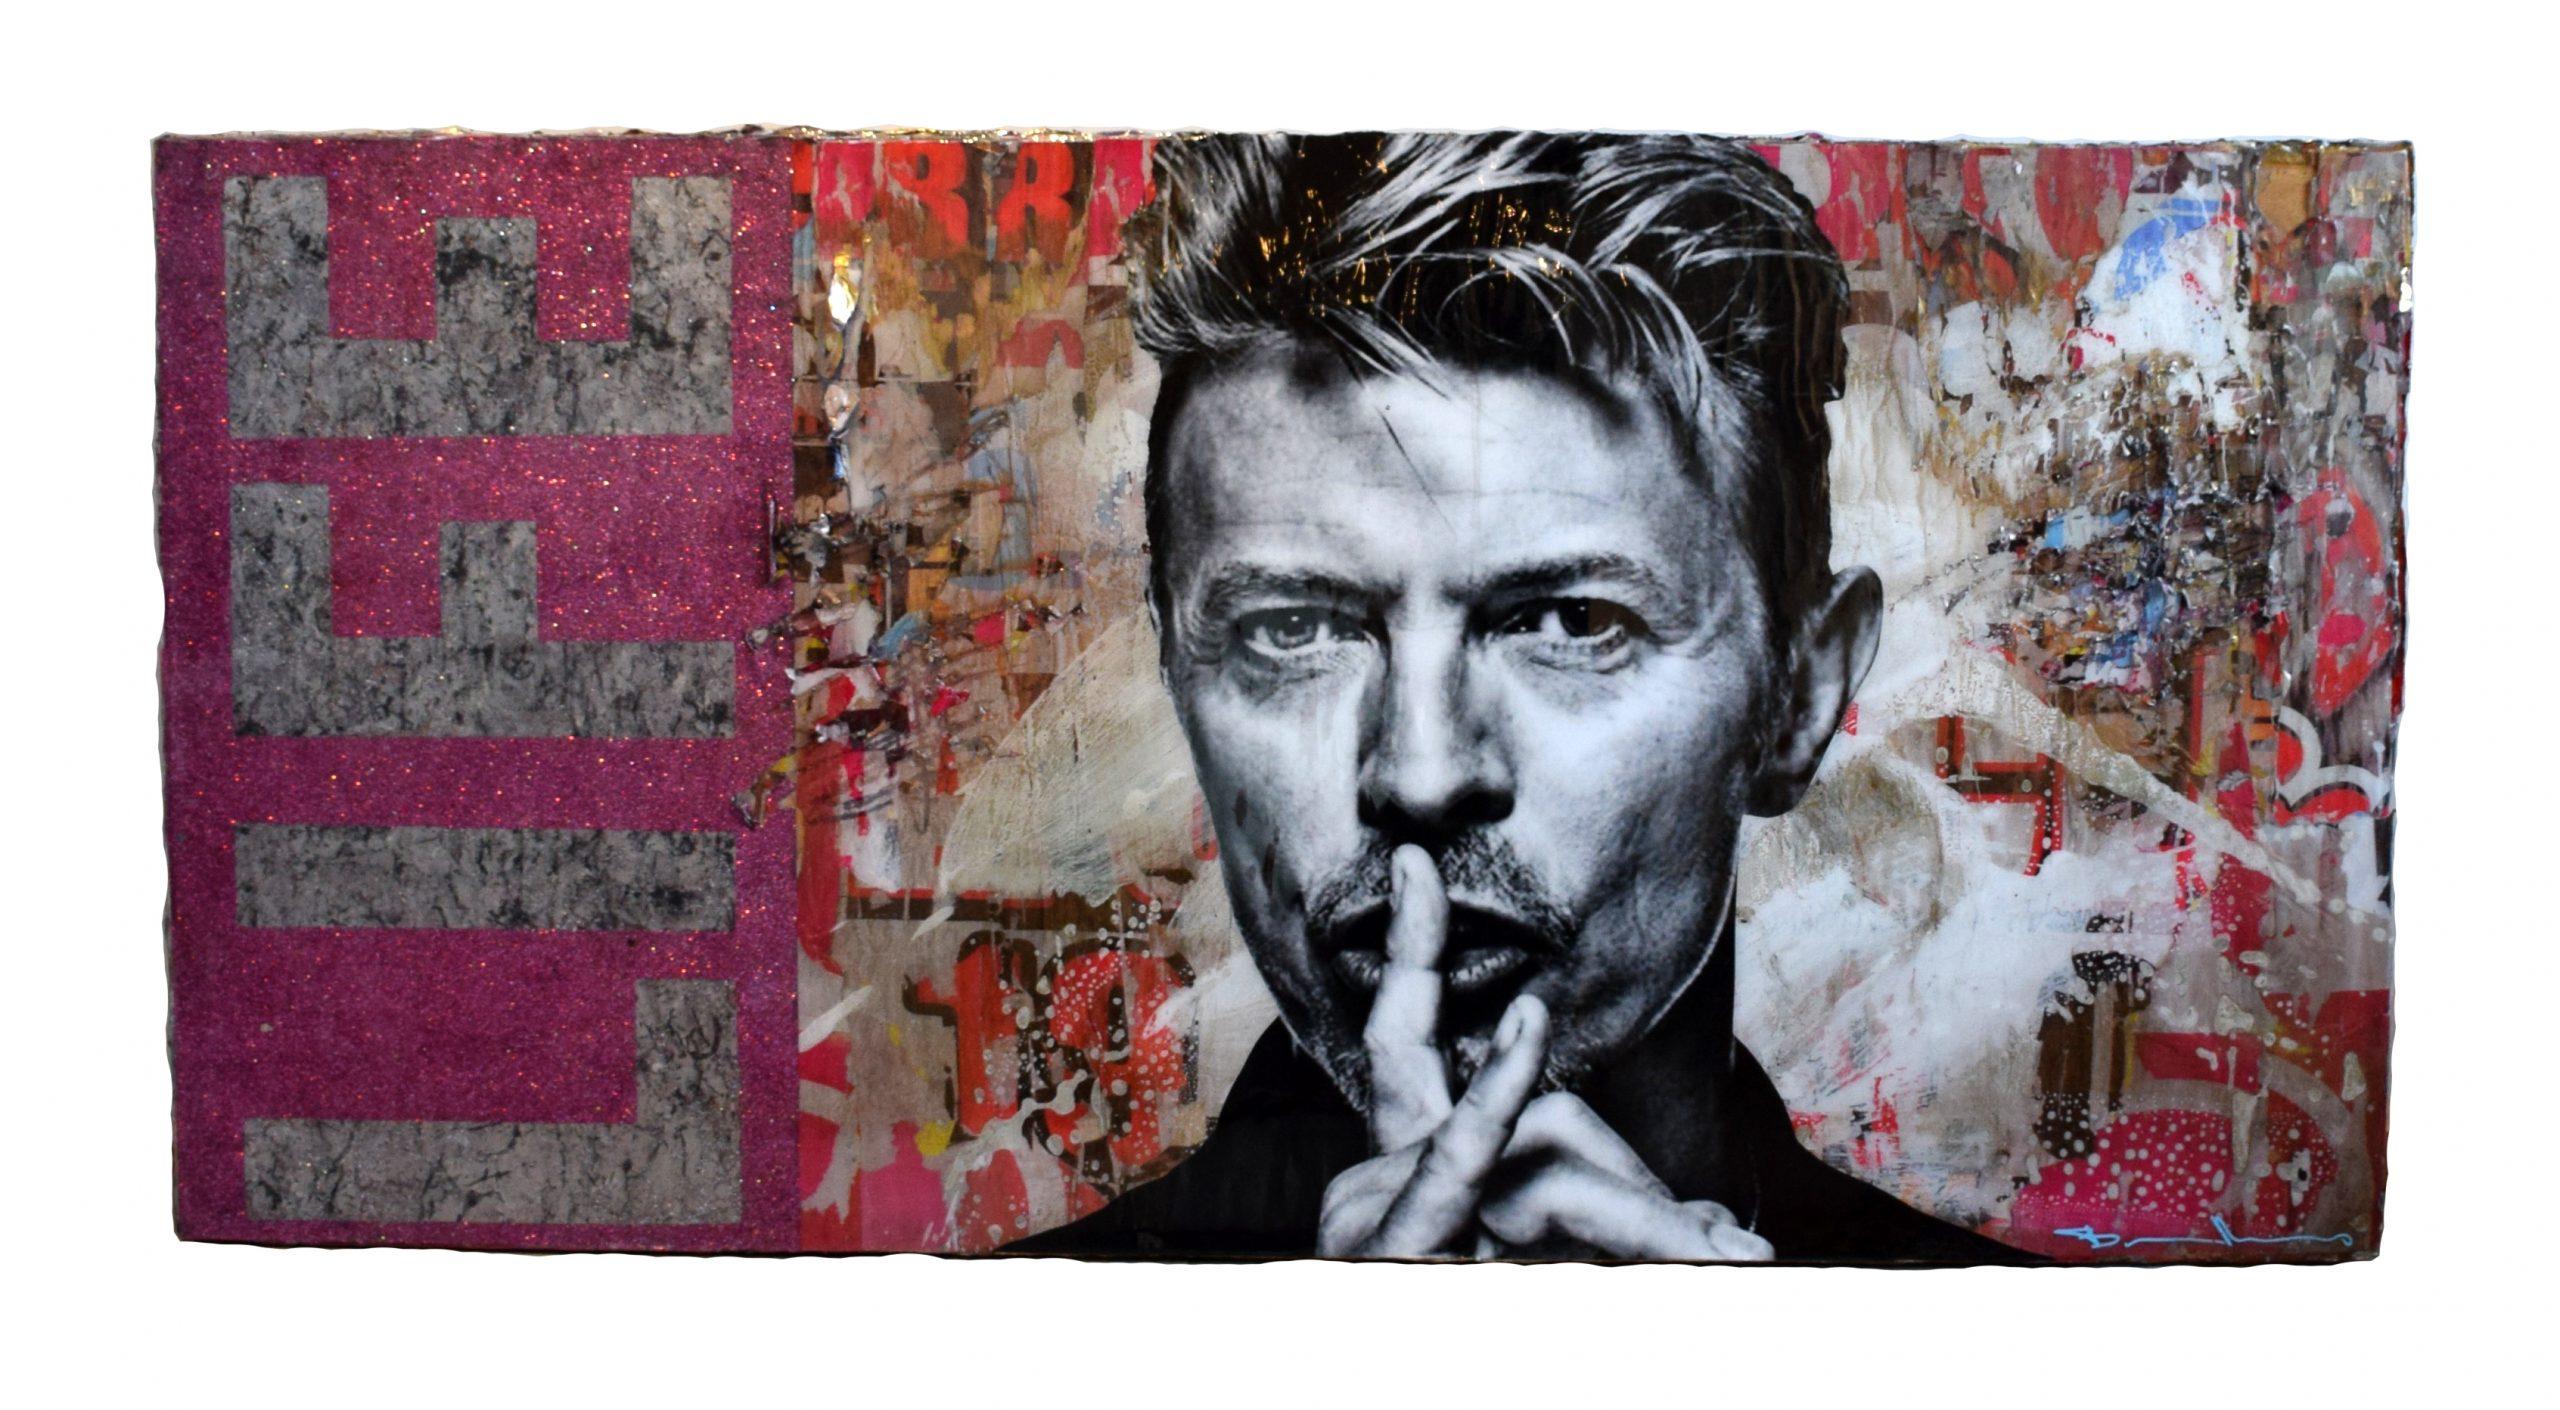 Bram Reijnders - Bowie Blah Blah , 8029-012-811